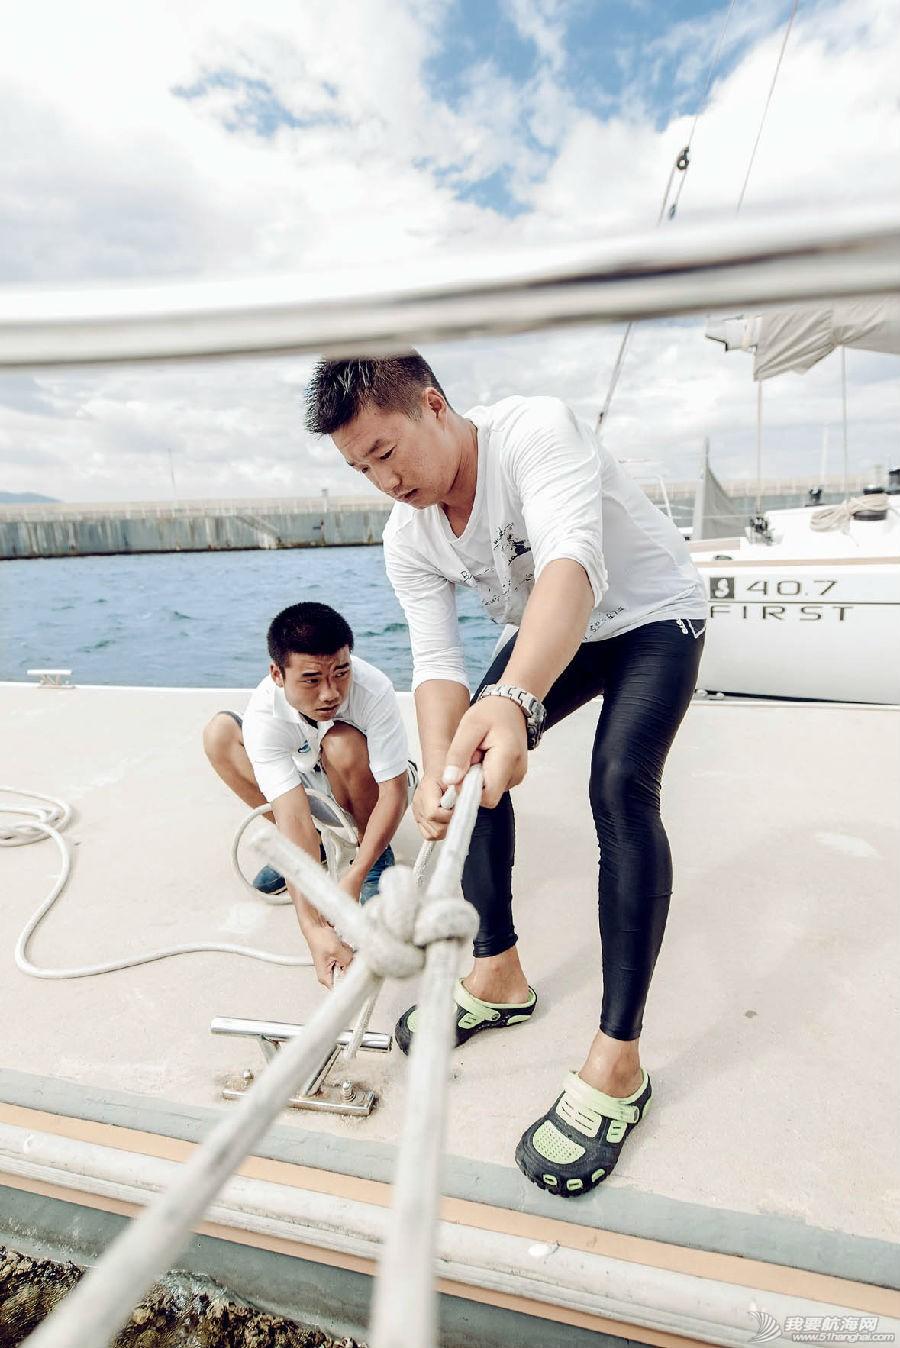 中国人,生活方式,生活空间,大自然,小孩子 中国杯帆船赛顾问罗锦辉的极简主义的海上精神 image4.jpg